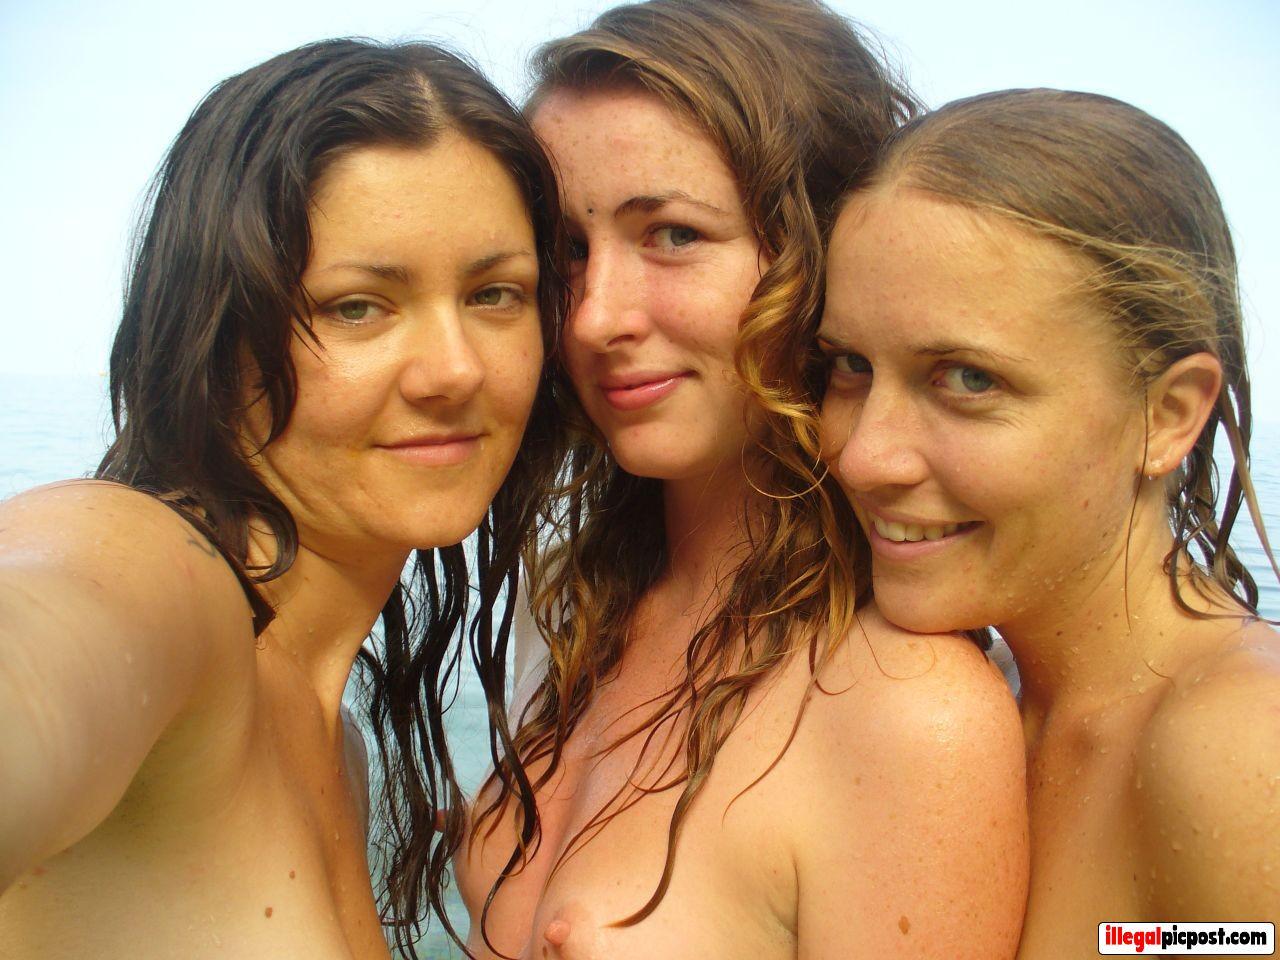 Drie mooie meiden maken topless een selfie